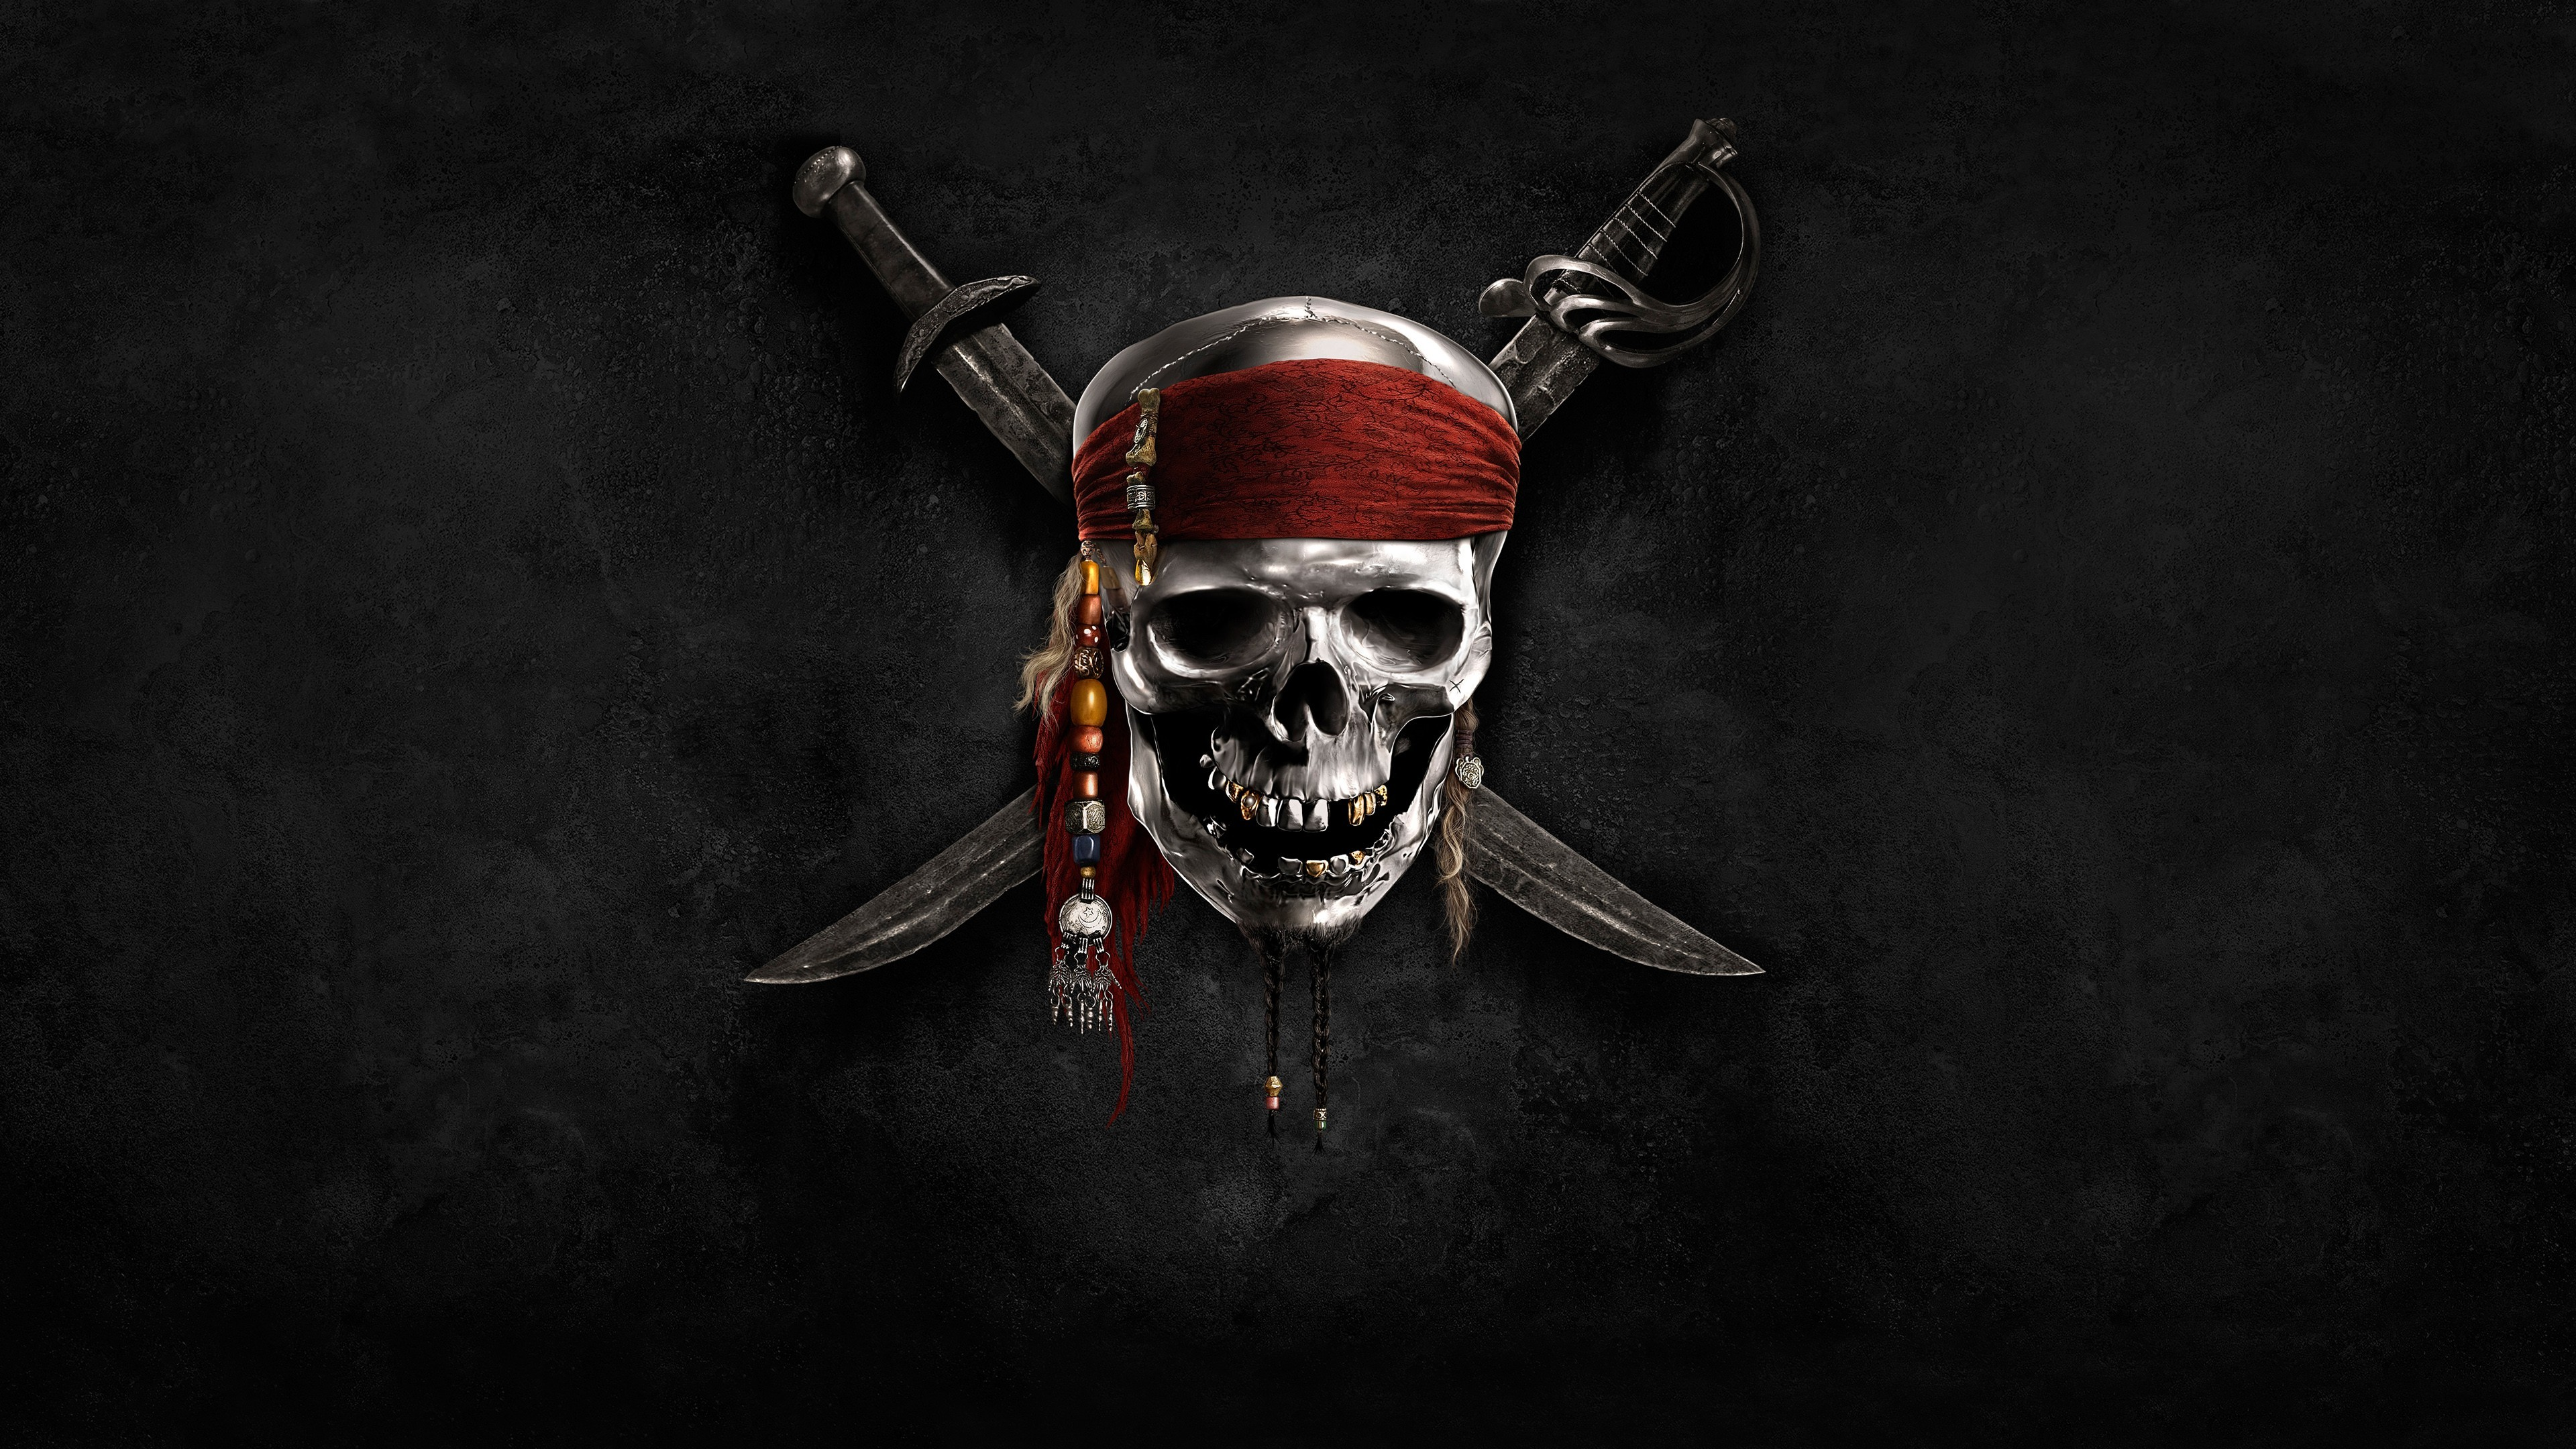 пираты карибского моря 5 обои на рабочий стол 1280х1024 № 220539 загрузить